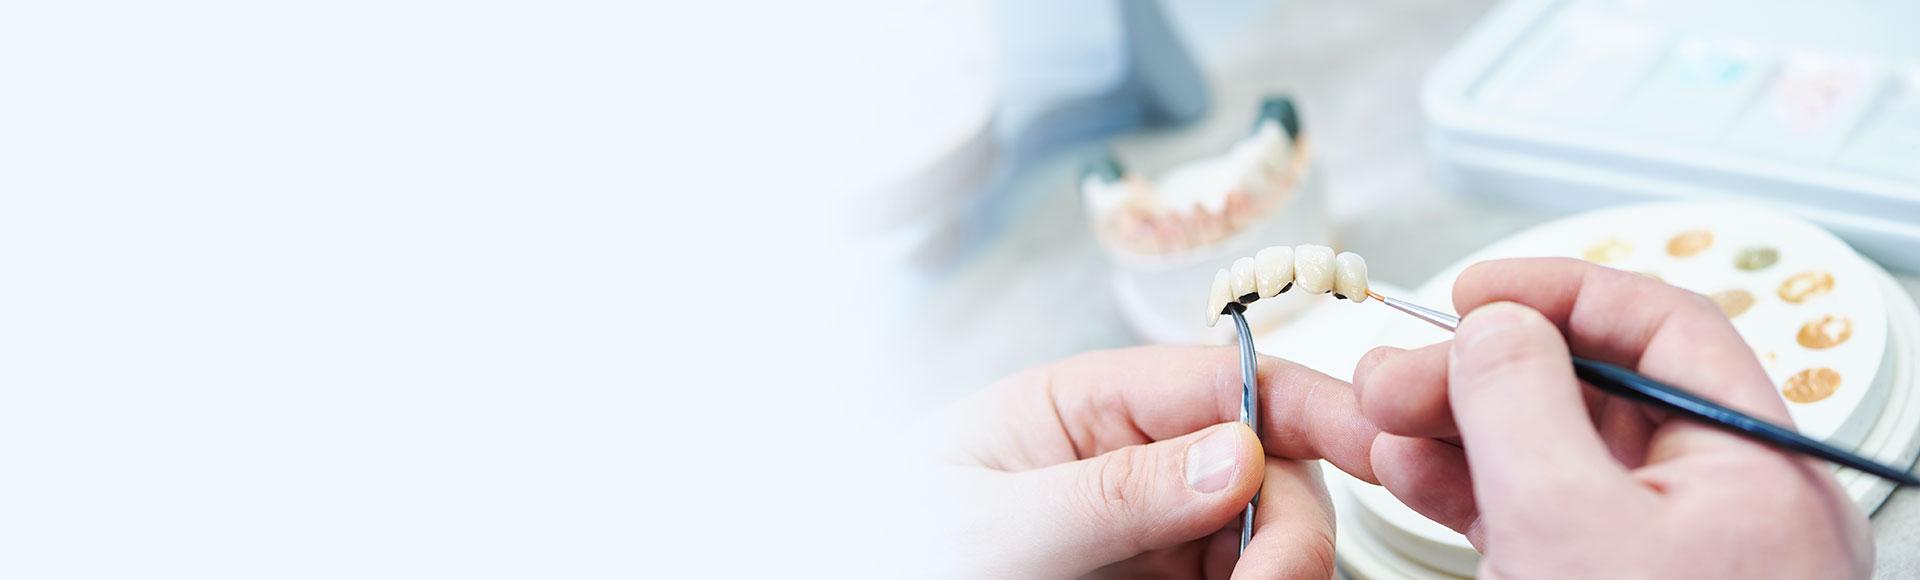 Provisorischer Zahnersatz – Zahnkronen und Zahnbrücken